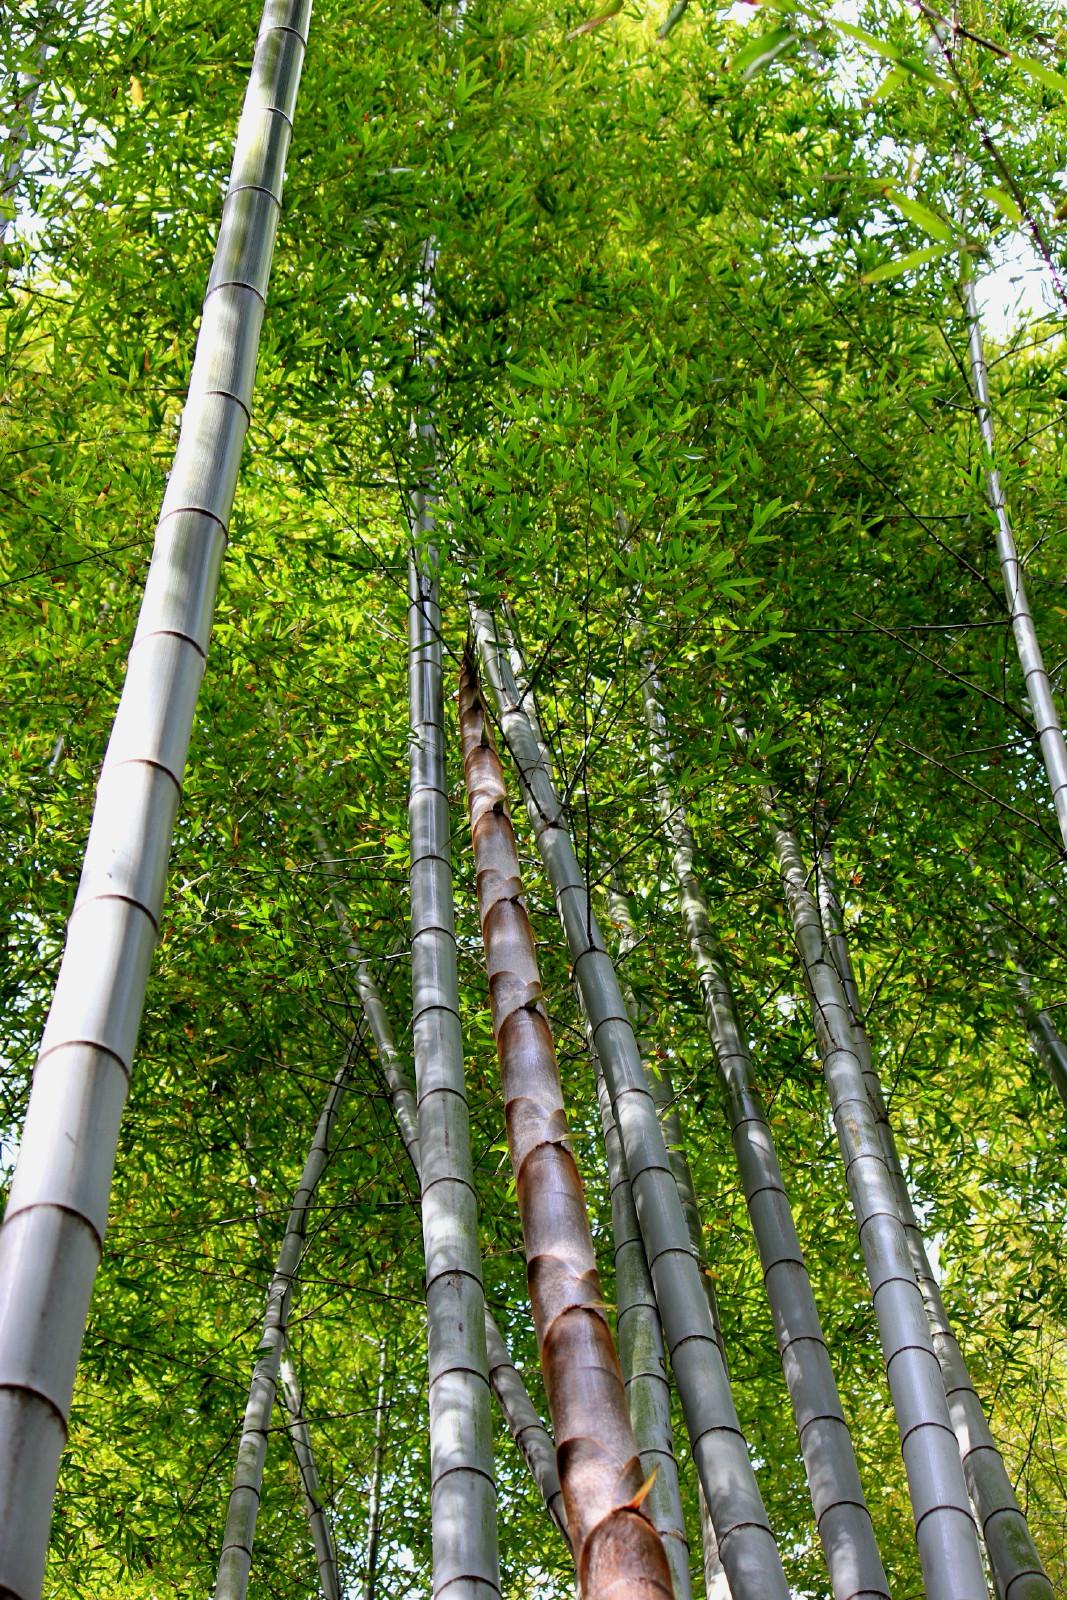 2014/05/12 今年竹 (散歩道:神奈川県横須賀市)